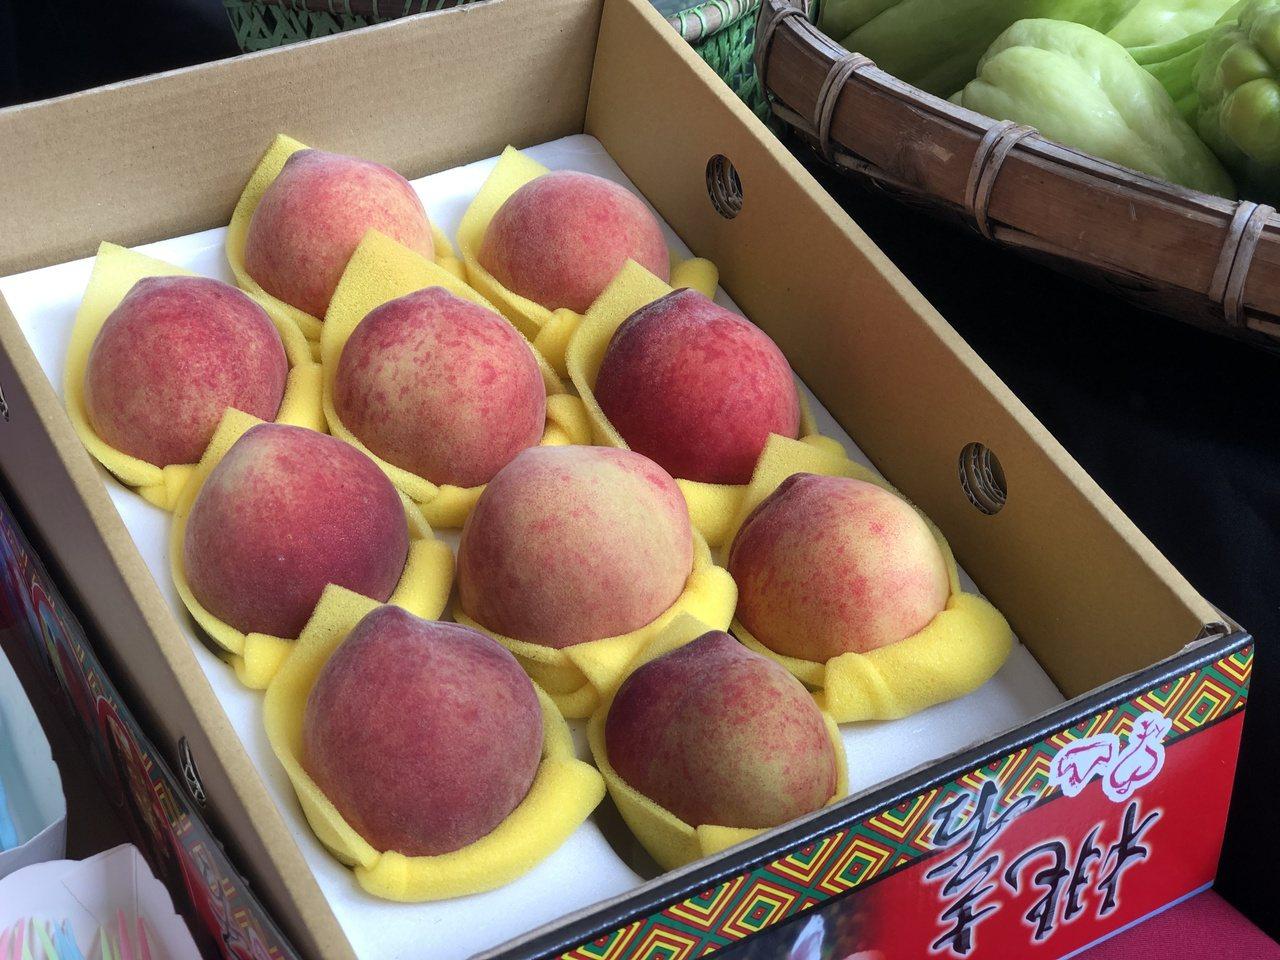 造訪那瑪夏,別錯過楠梓仙溪孕育的水蜜桃、咖啡、龍鬚菜、茶葉、愛玉、梅子等特產。 ...